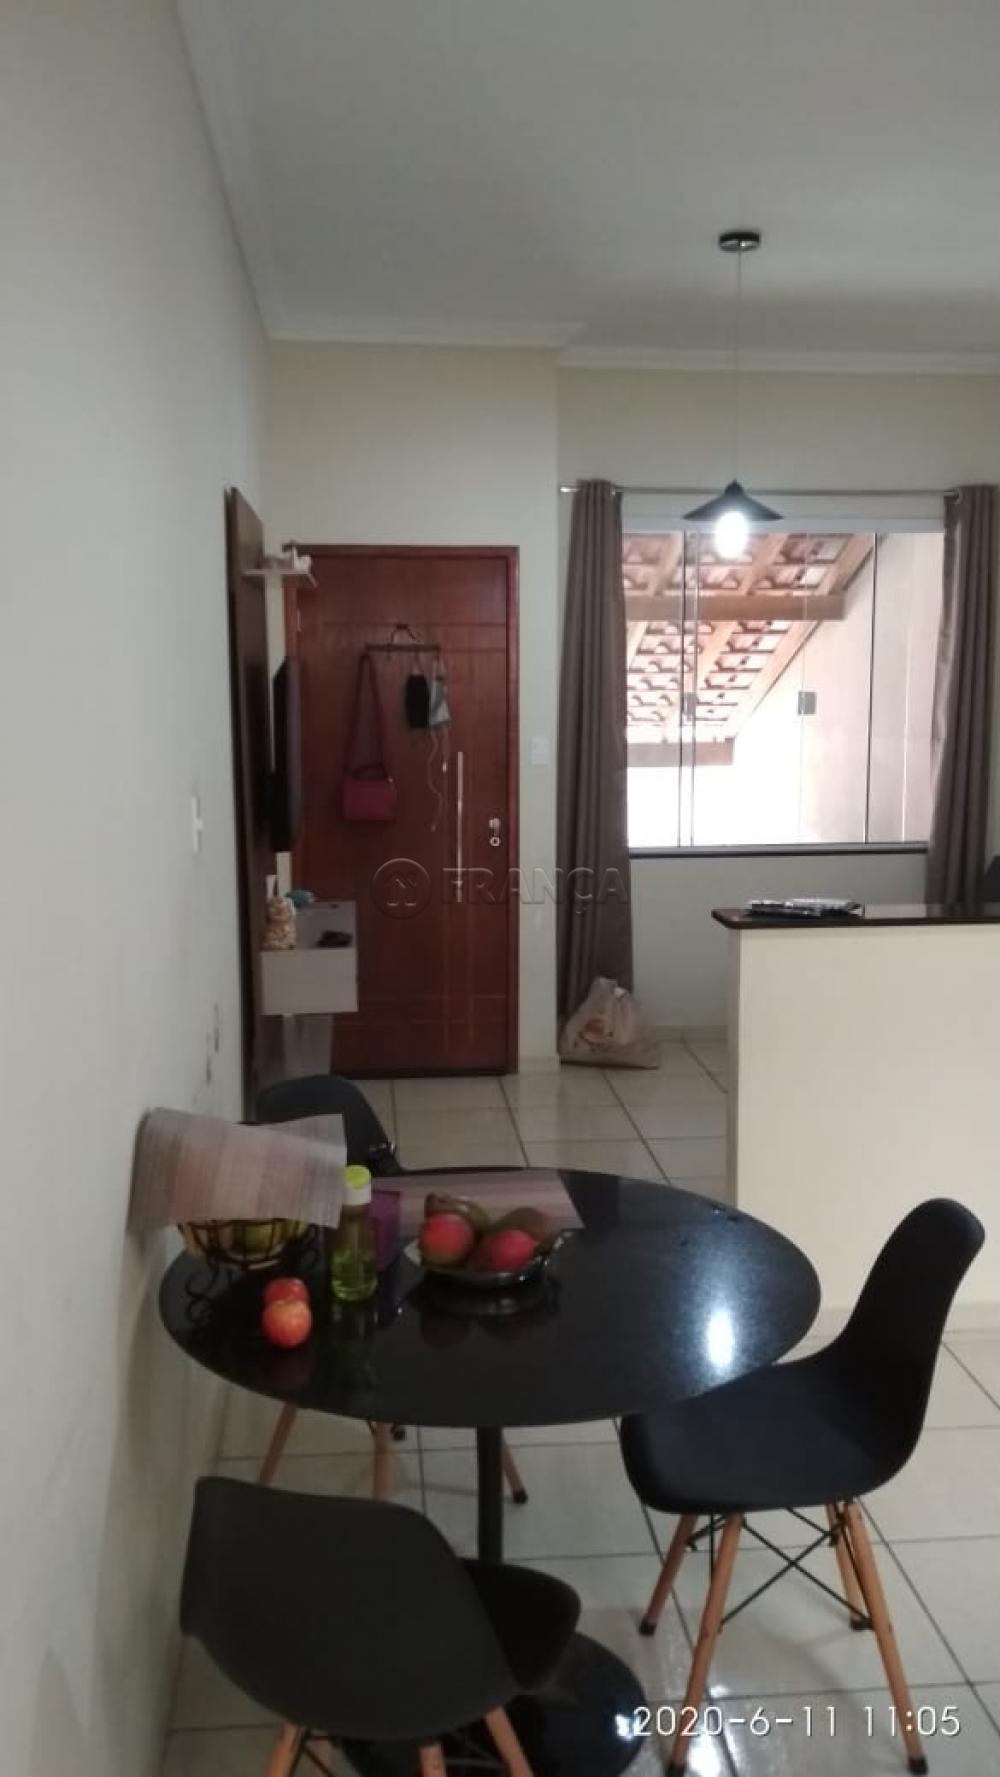 Comprar Casa / Padrão em Caçapava apenas R$ 160.000,00 - Foto 4